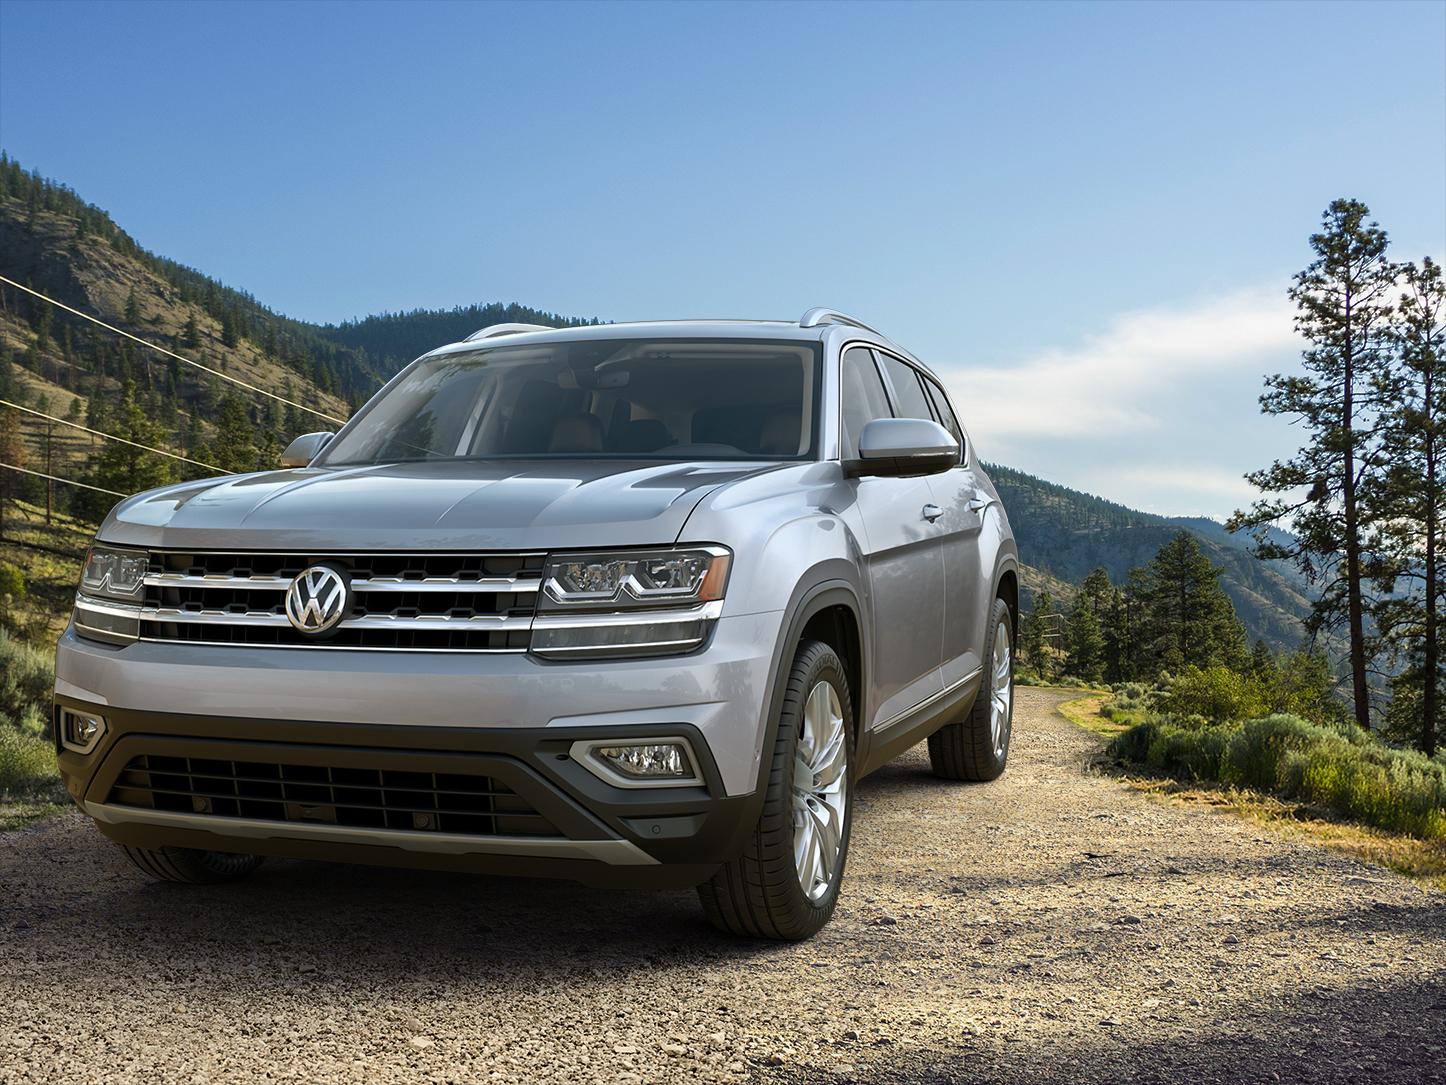 Street Volkswagen Of Amarillo Celebrates Volkswagen Atlas Launch With Party Pressrelease Com